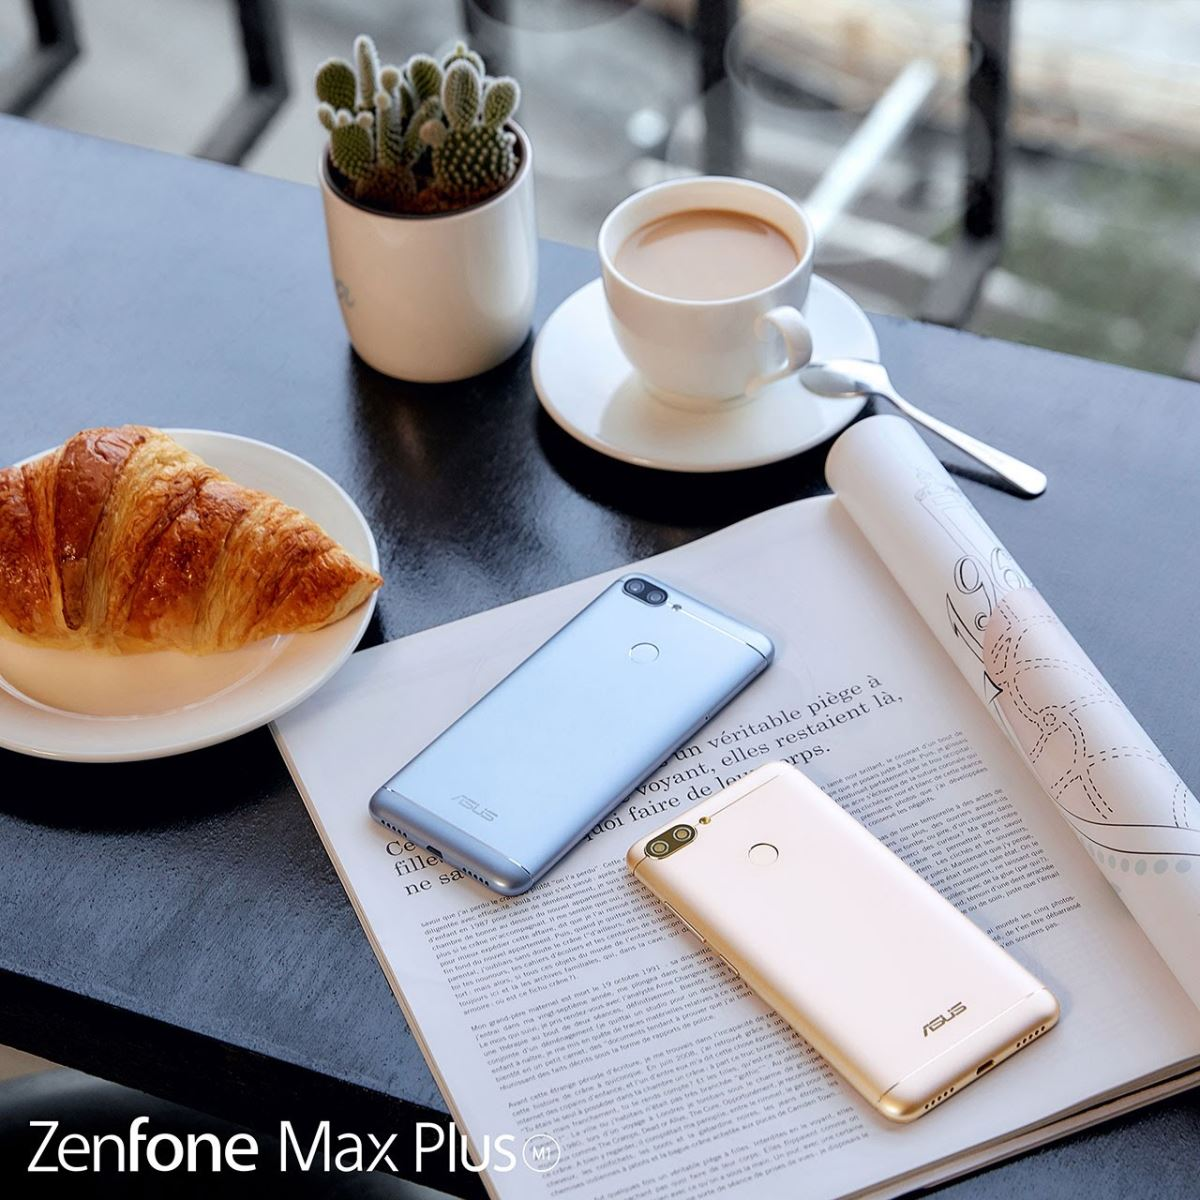 Với Zenfone Max Plus, pin không còn là trở ngại